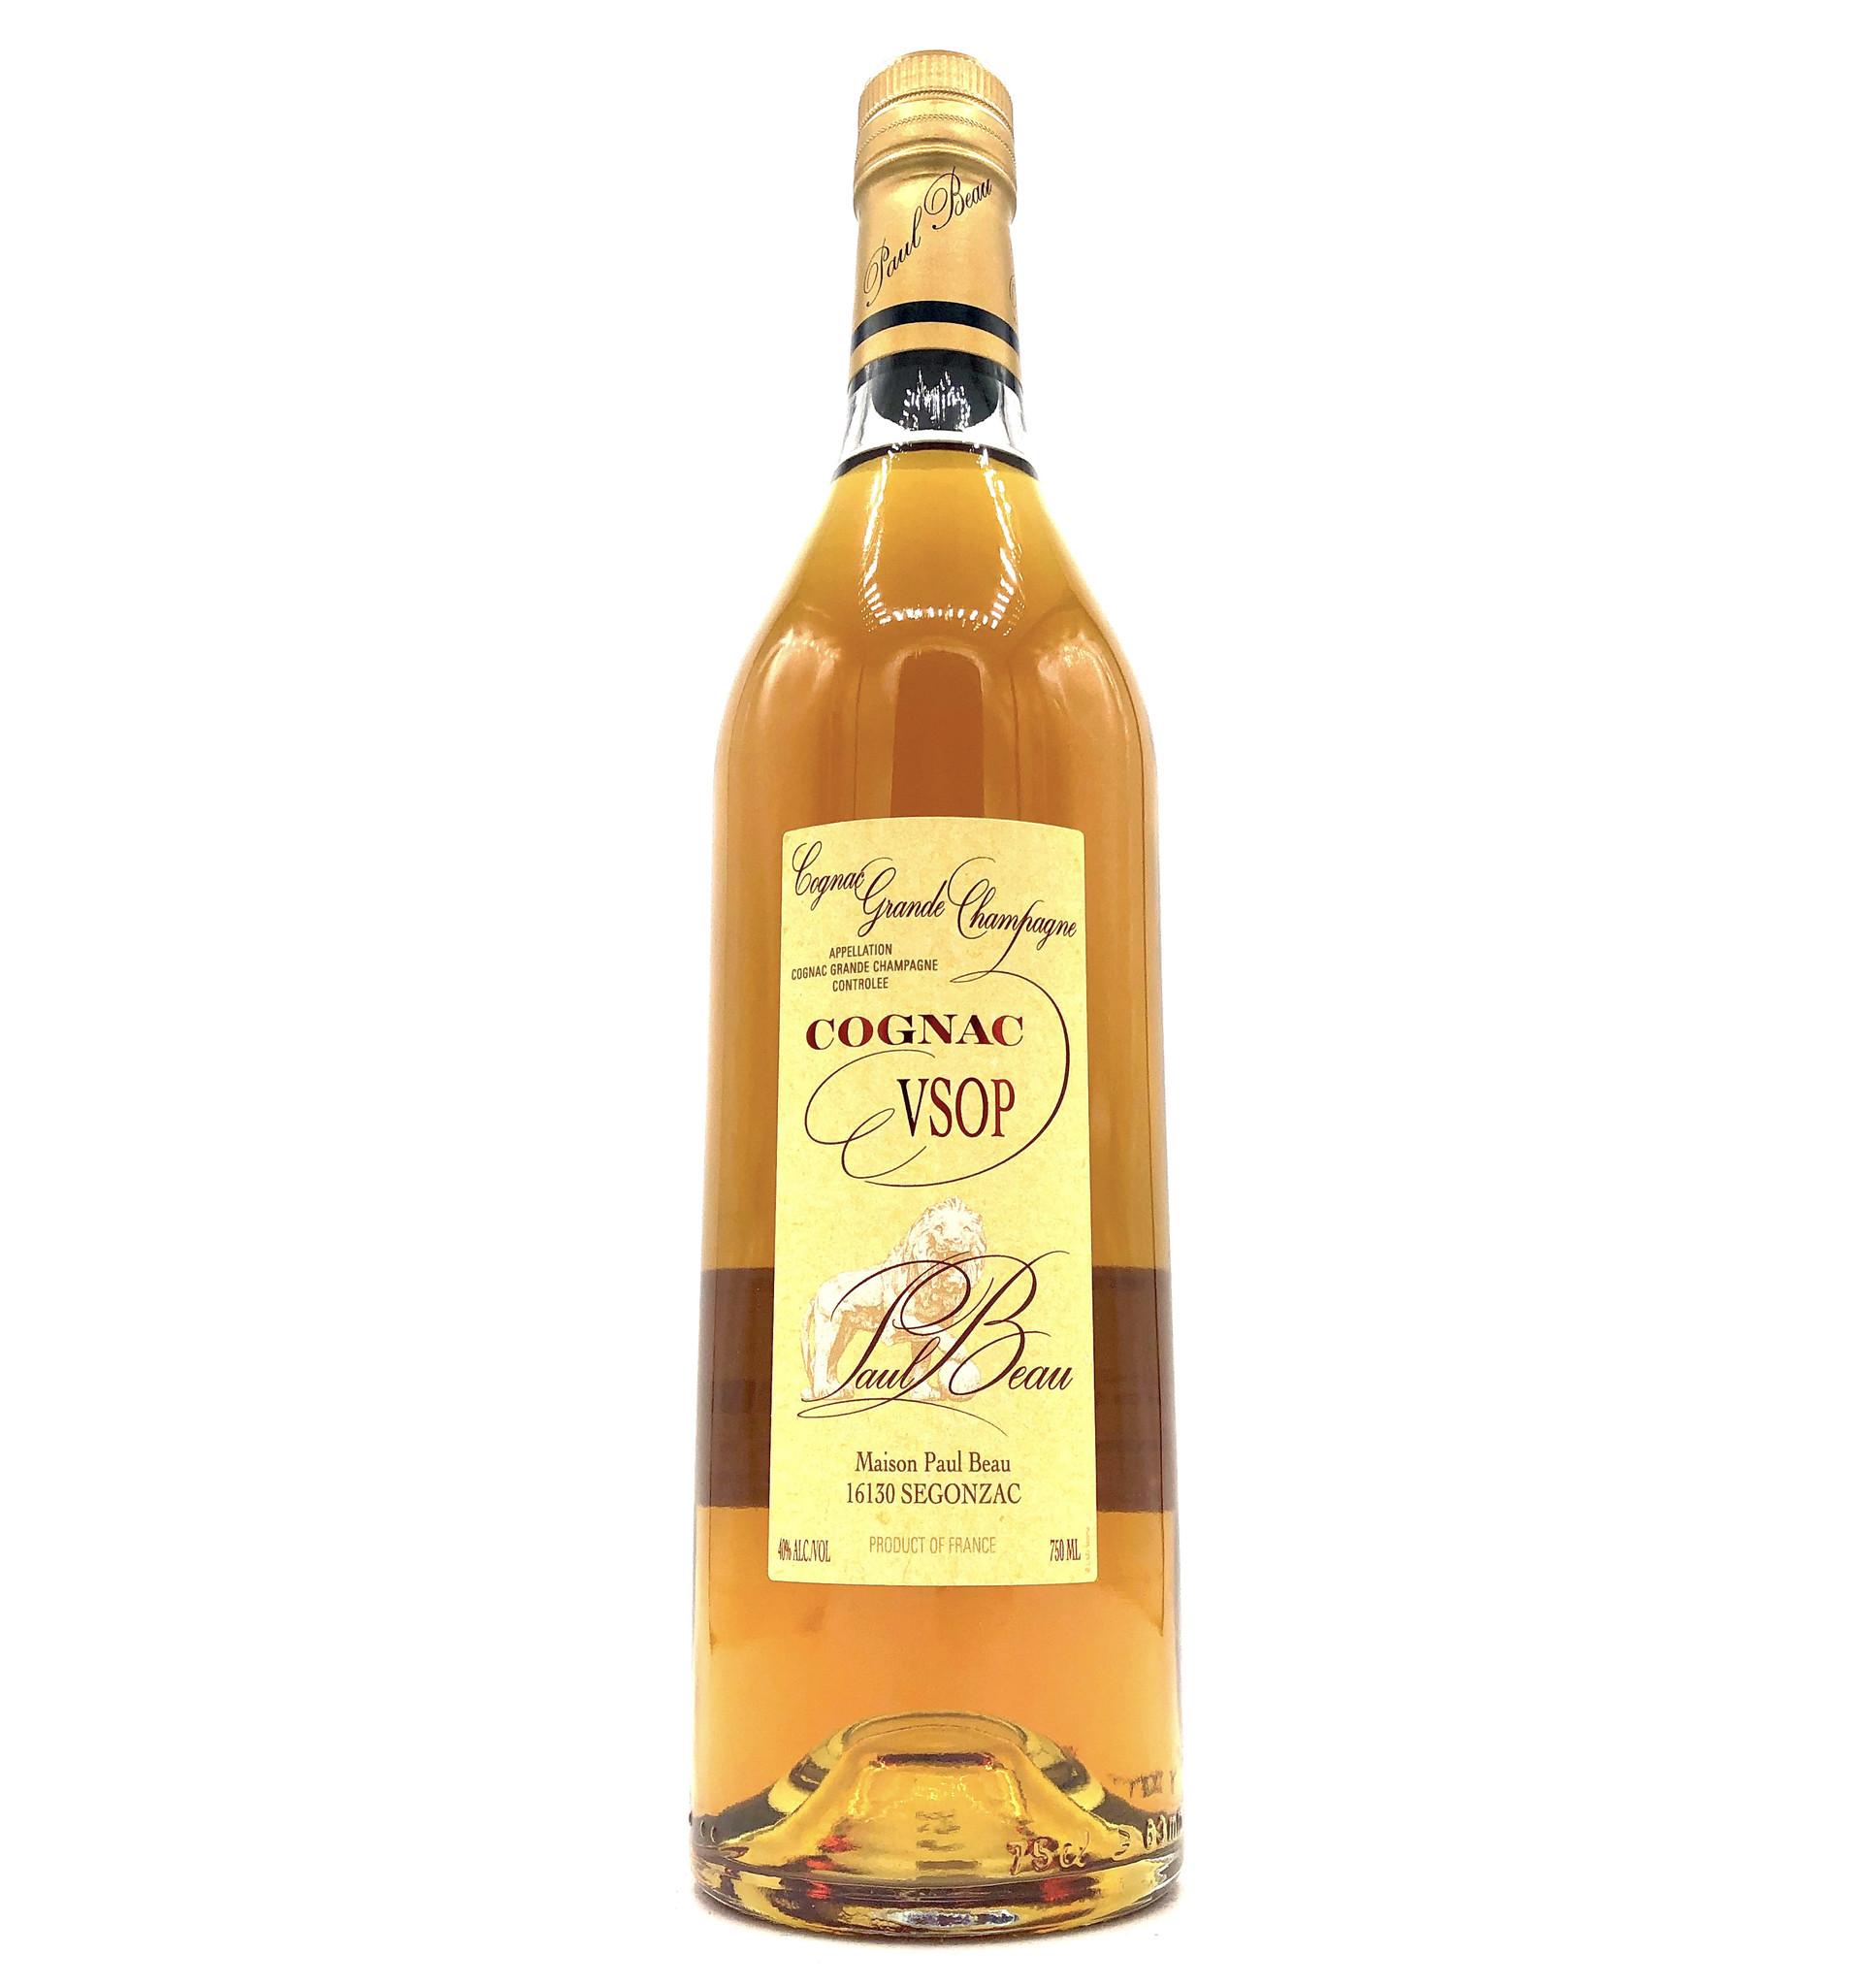 Cognac VSOP 750ml Paul Beau